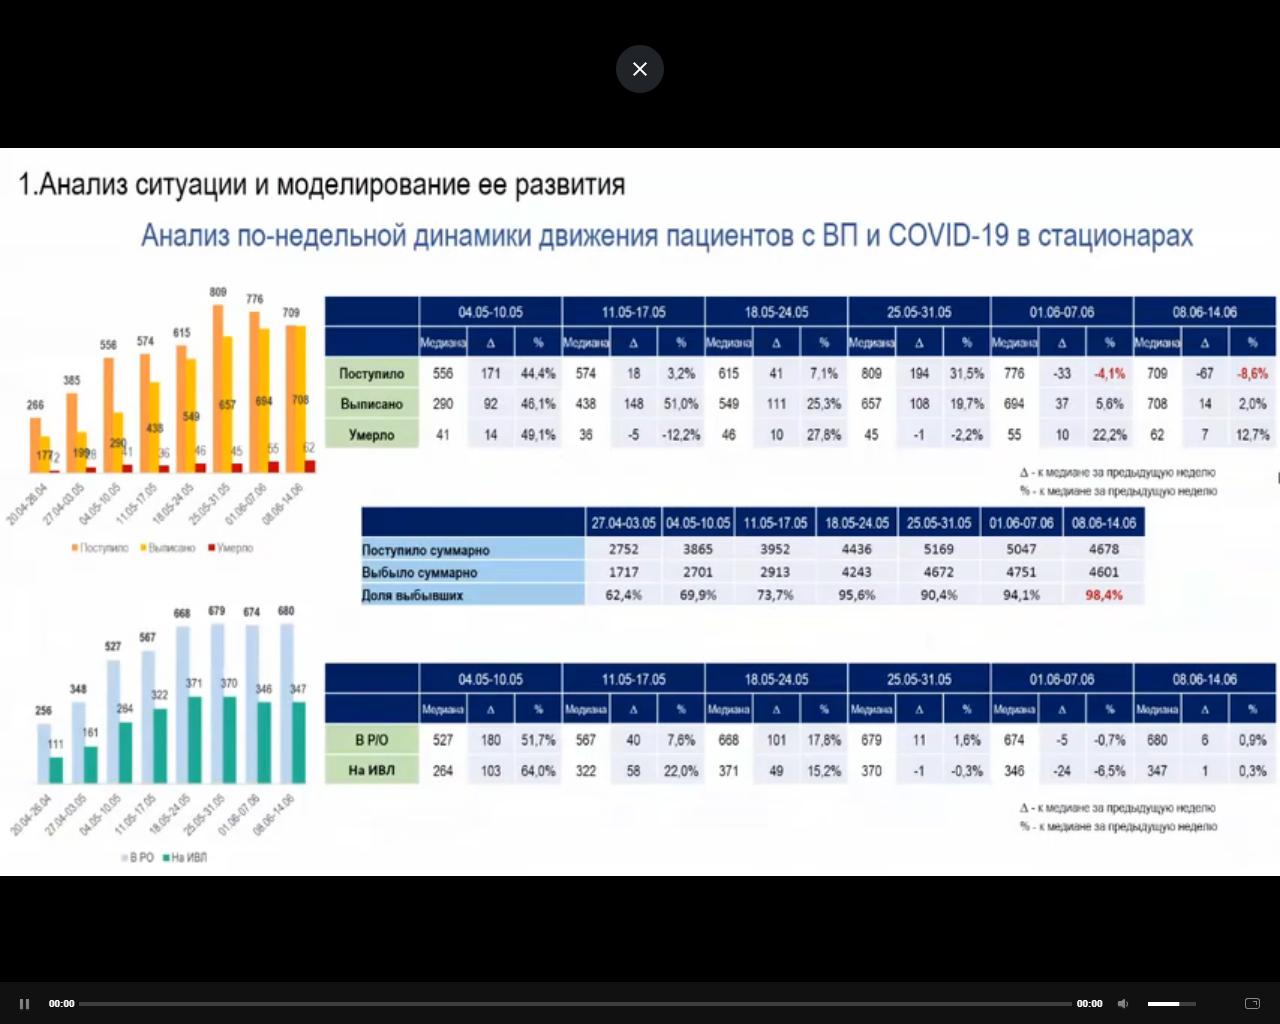 презентация межведомственной рабочей группы по противодействию распространению коронавируса в Петербурге